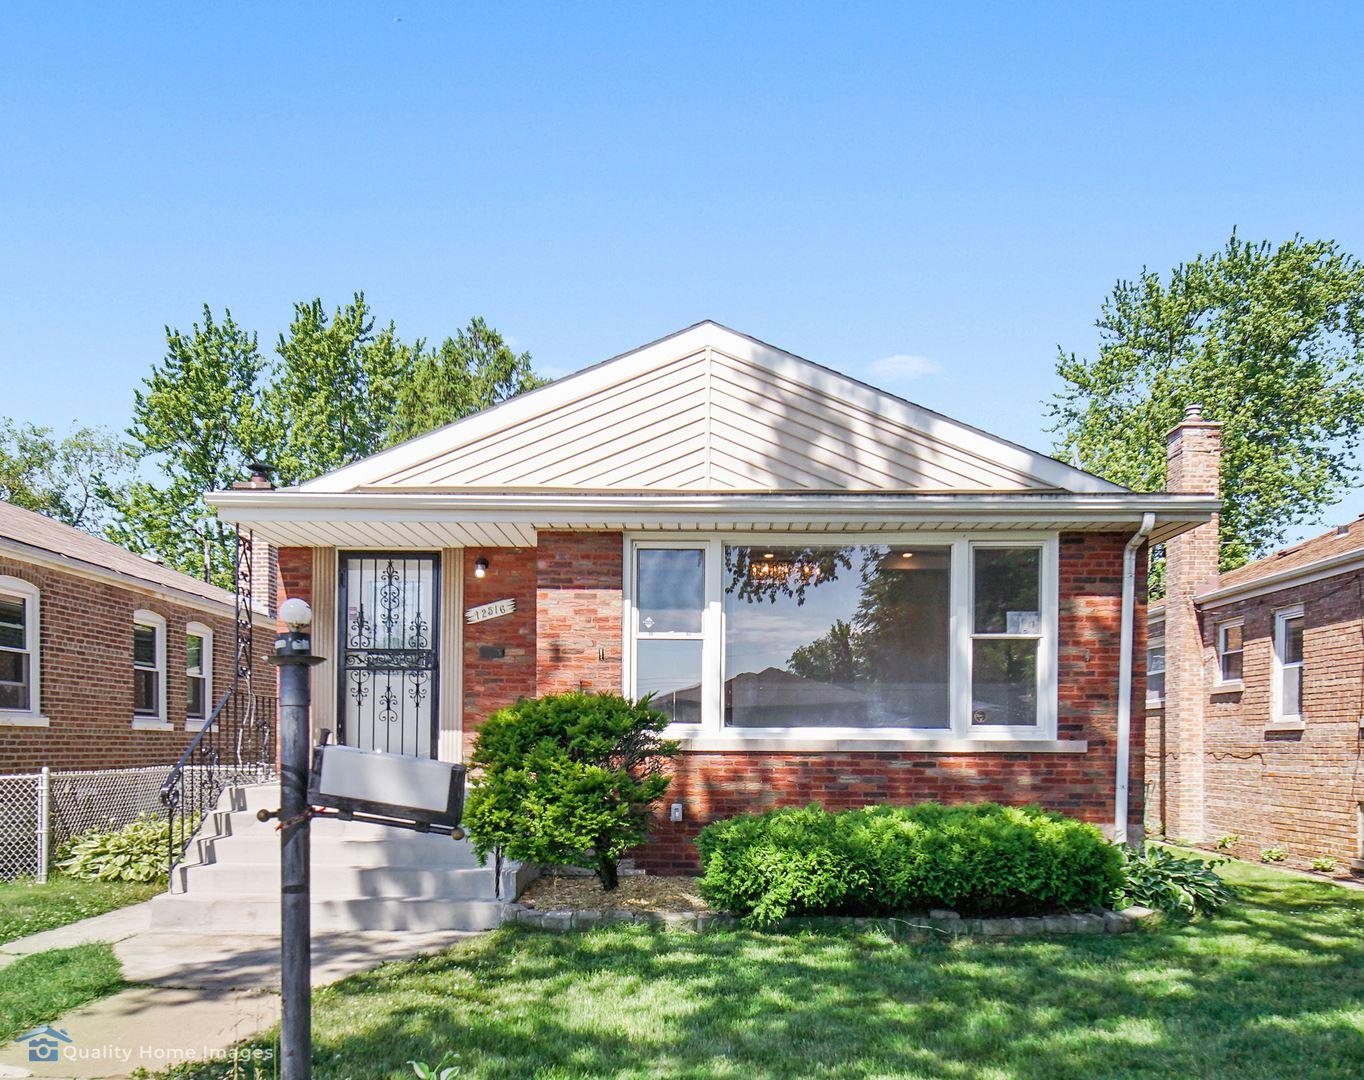 12516 S HARVARD Avenue, Chicago, IL 60628 - #: 10771116